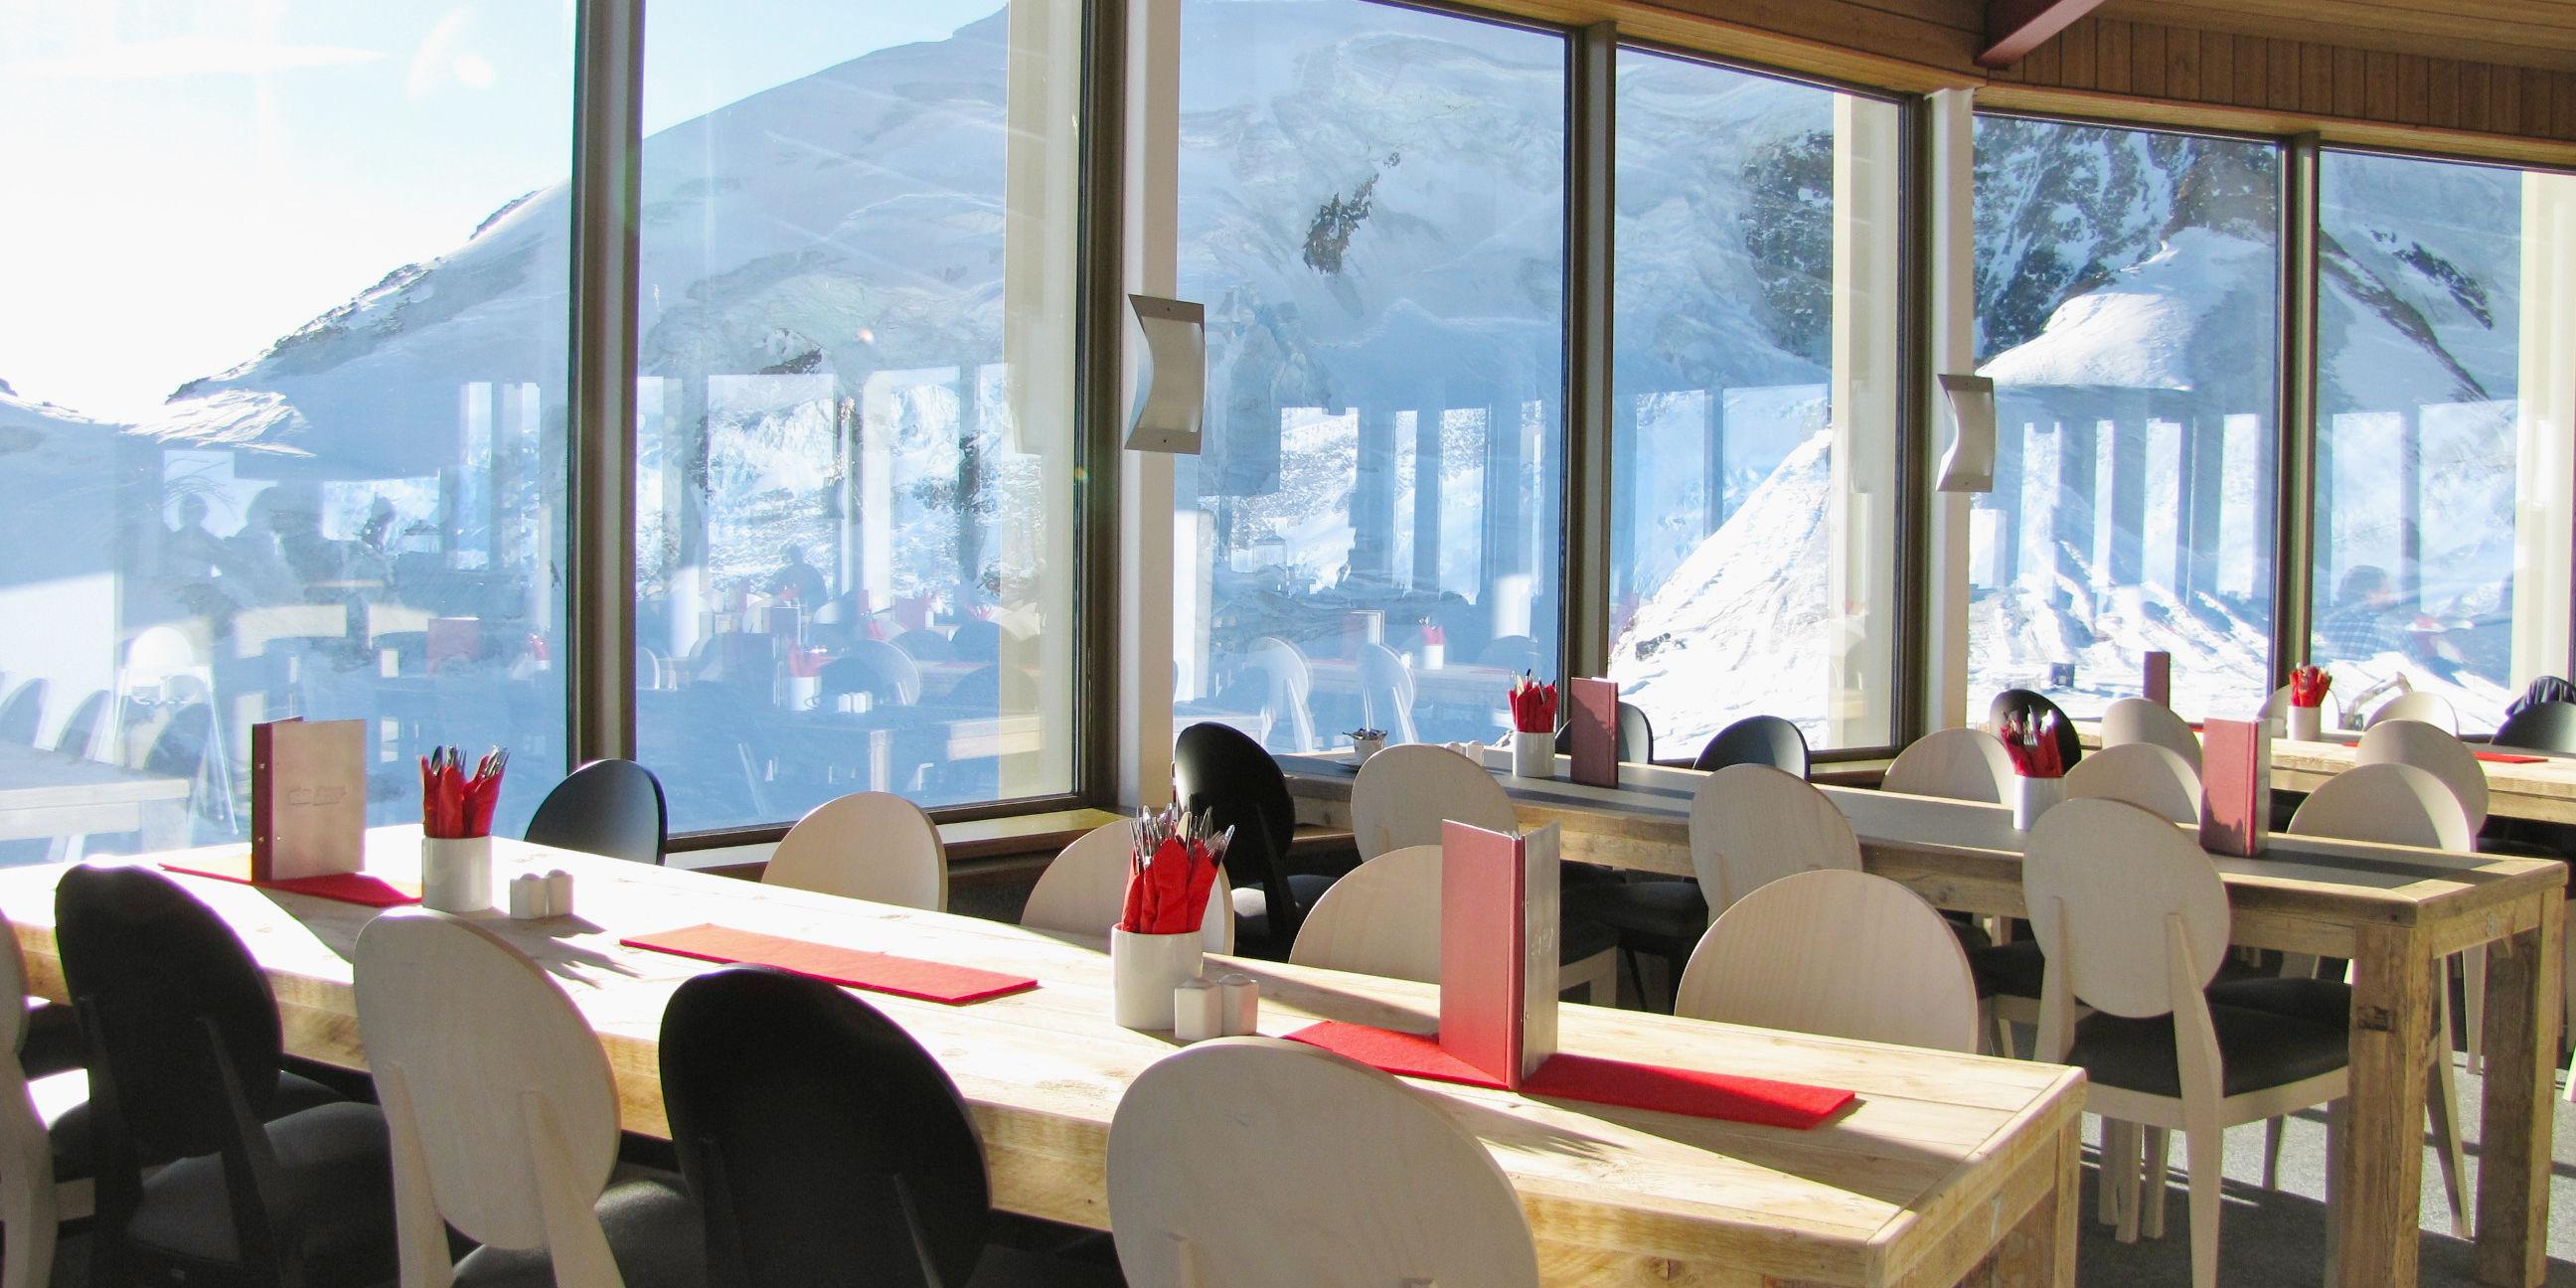 Familienfreundliche Restaurants in der Freien Ferienrepublik Saas-Fee